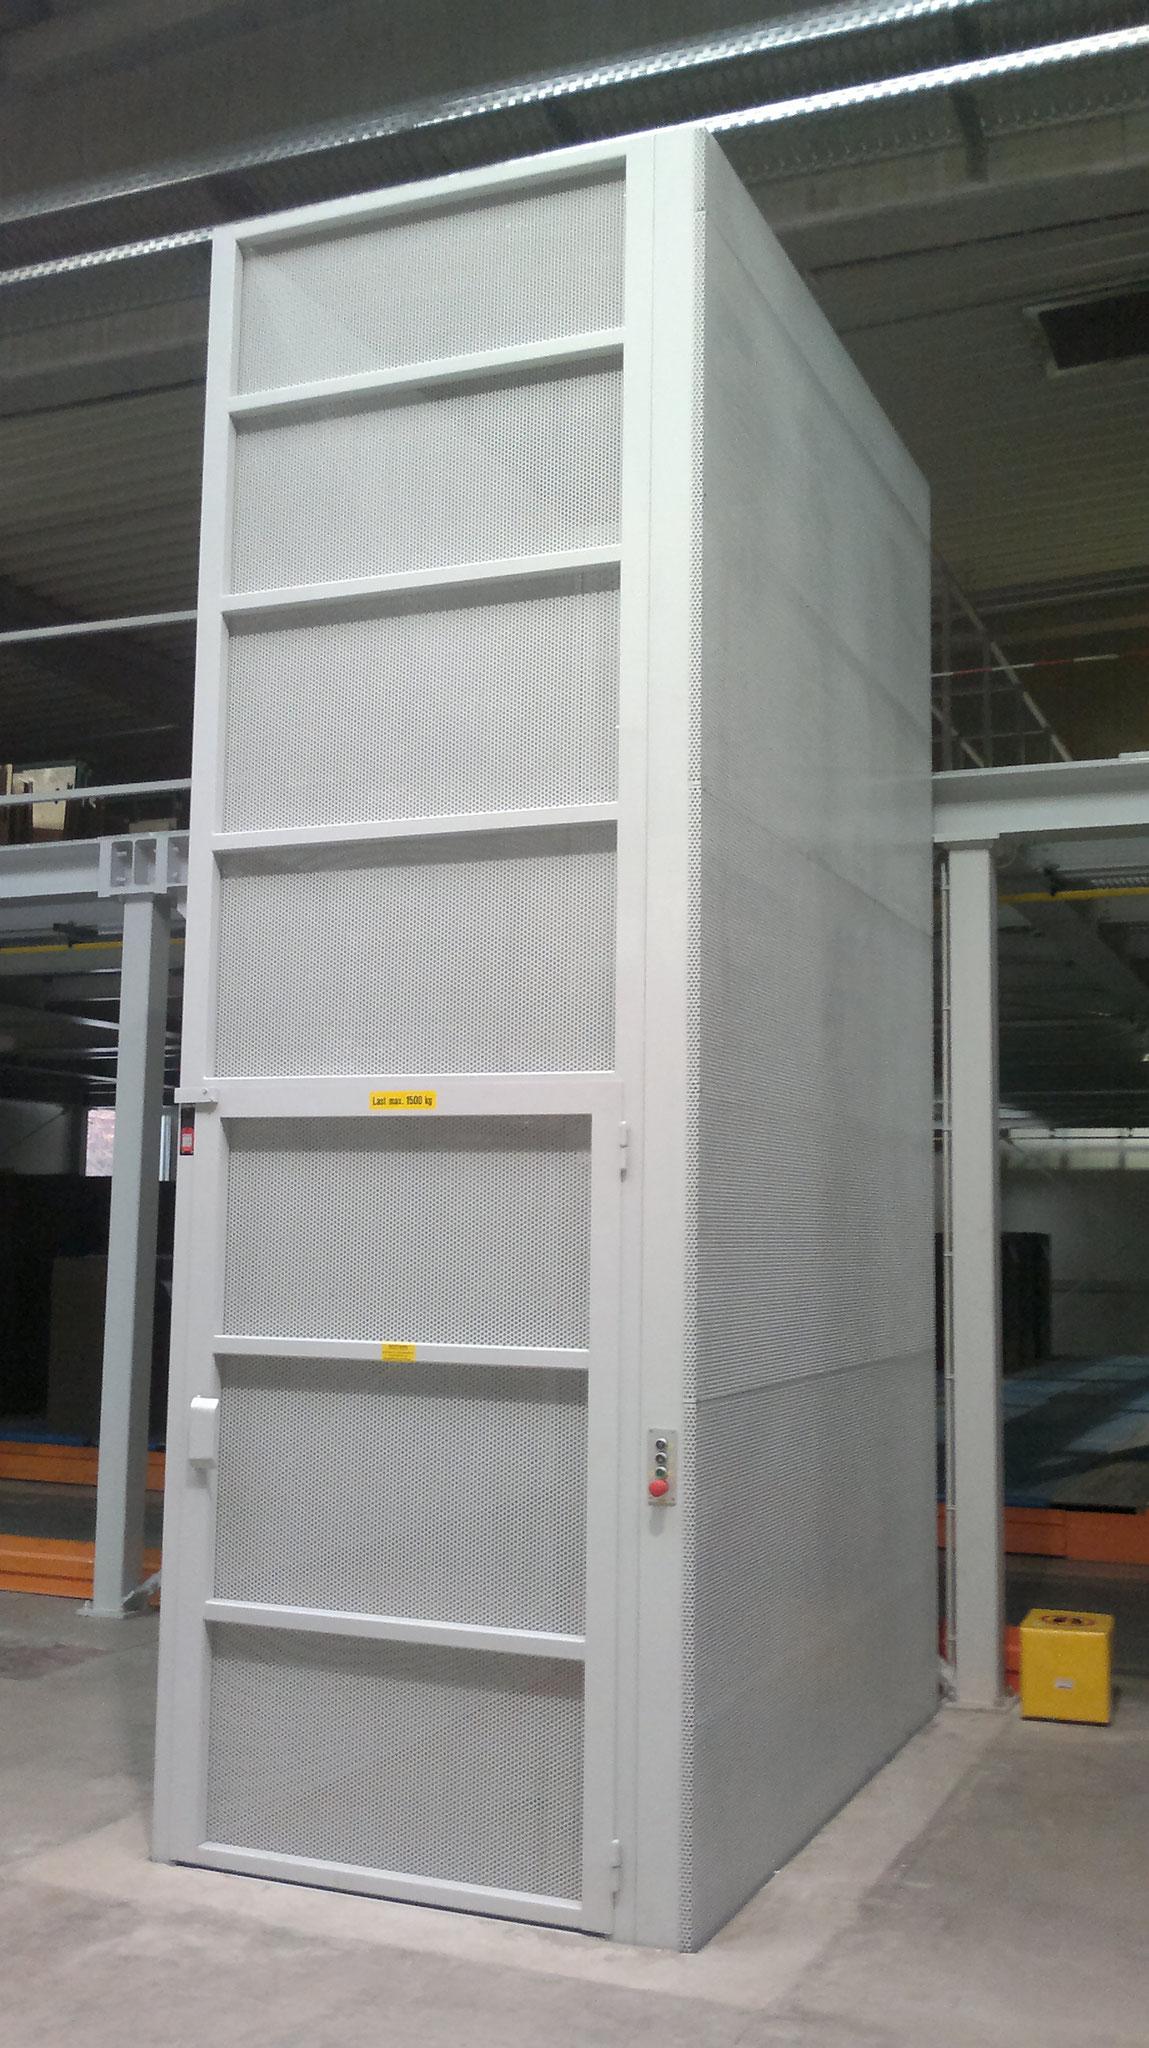 Hubanlage in Stahleinhausung